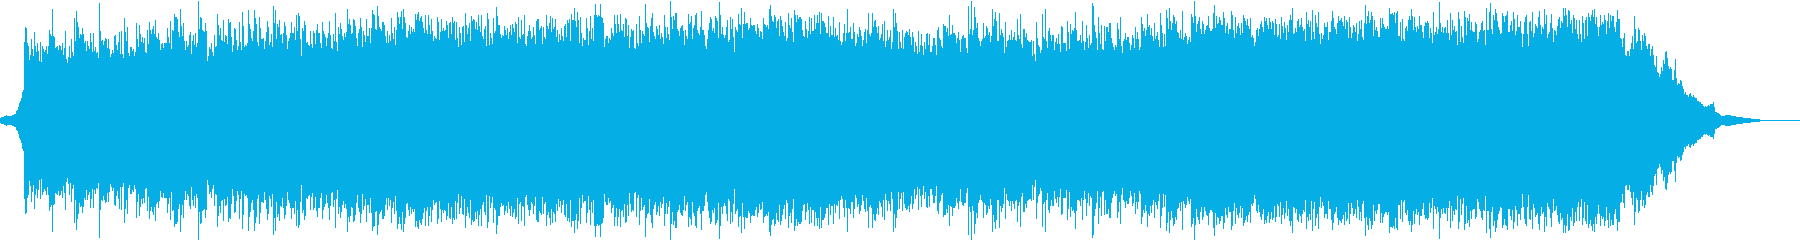 爽やか 疾走感 企業VP コーポレートの再生済みの波形